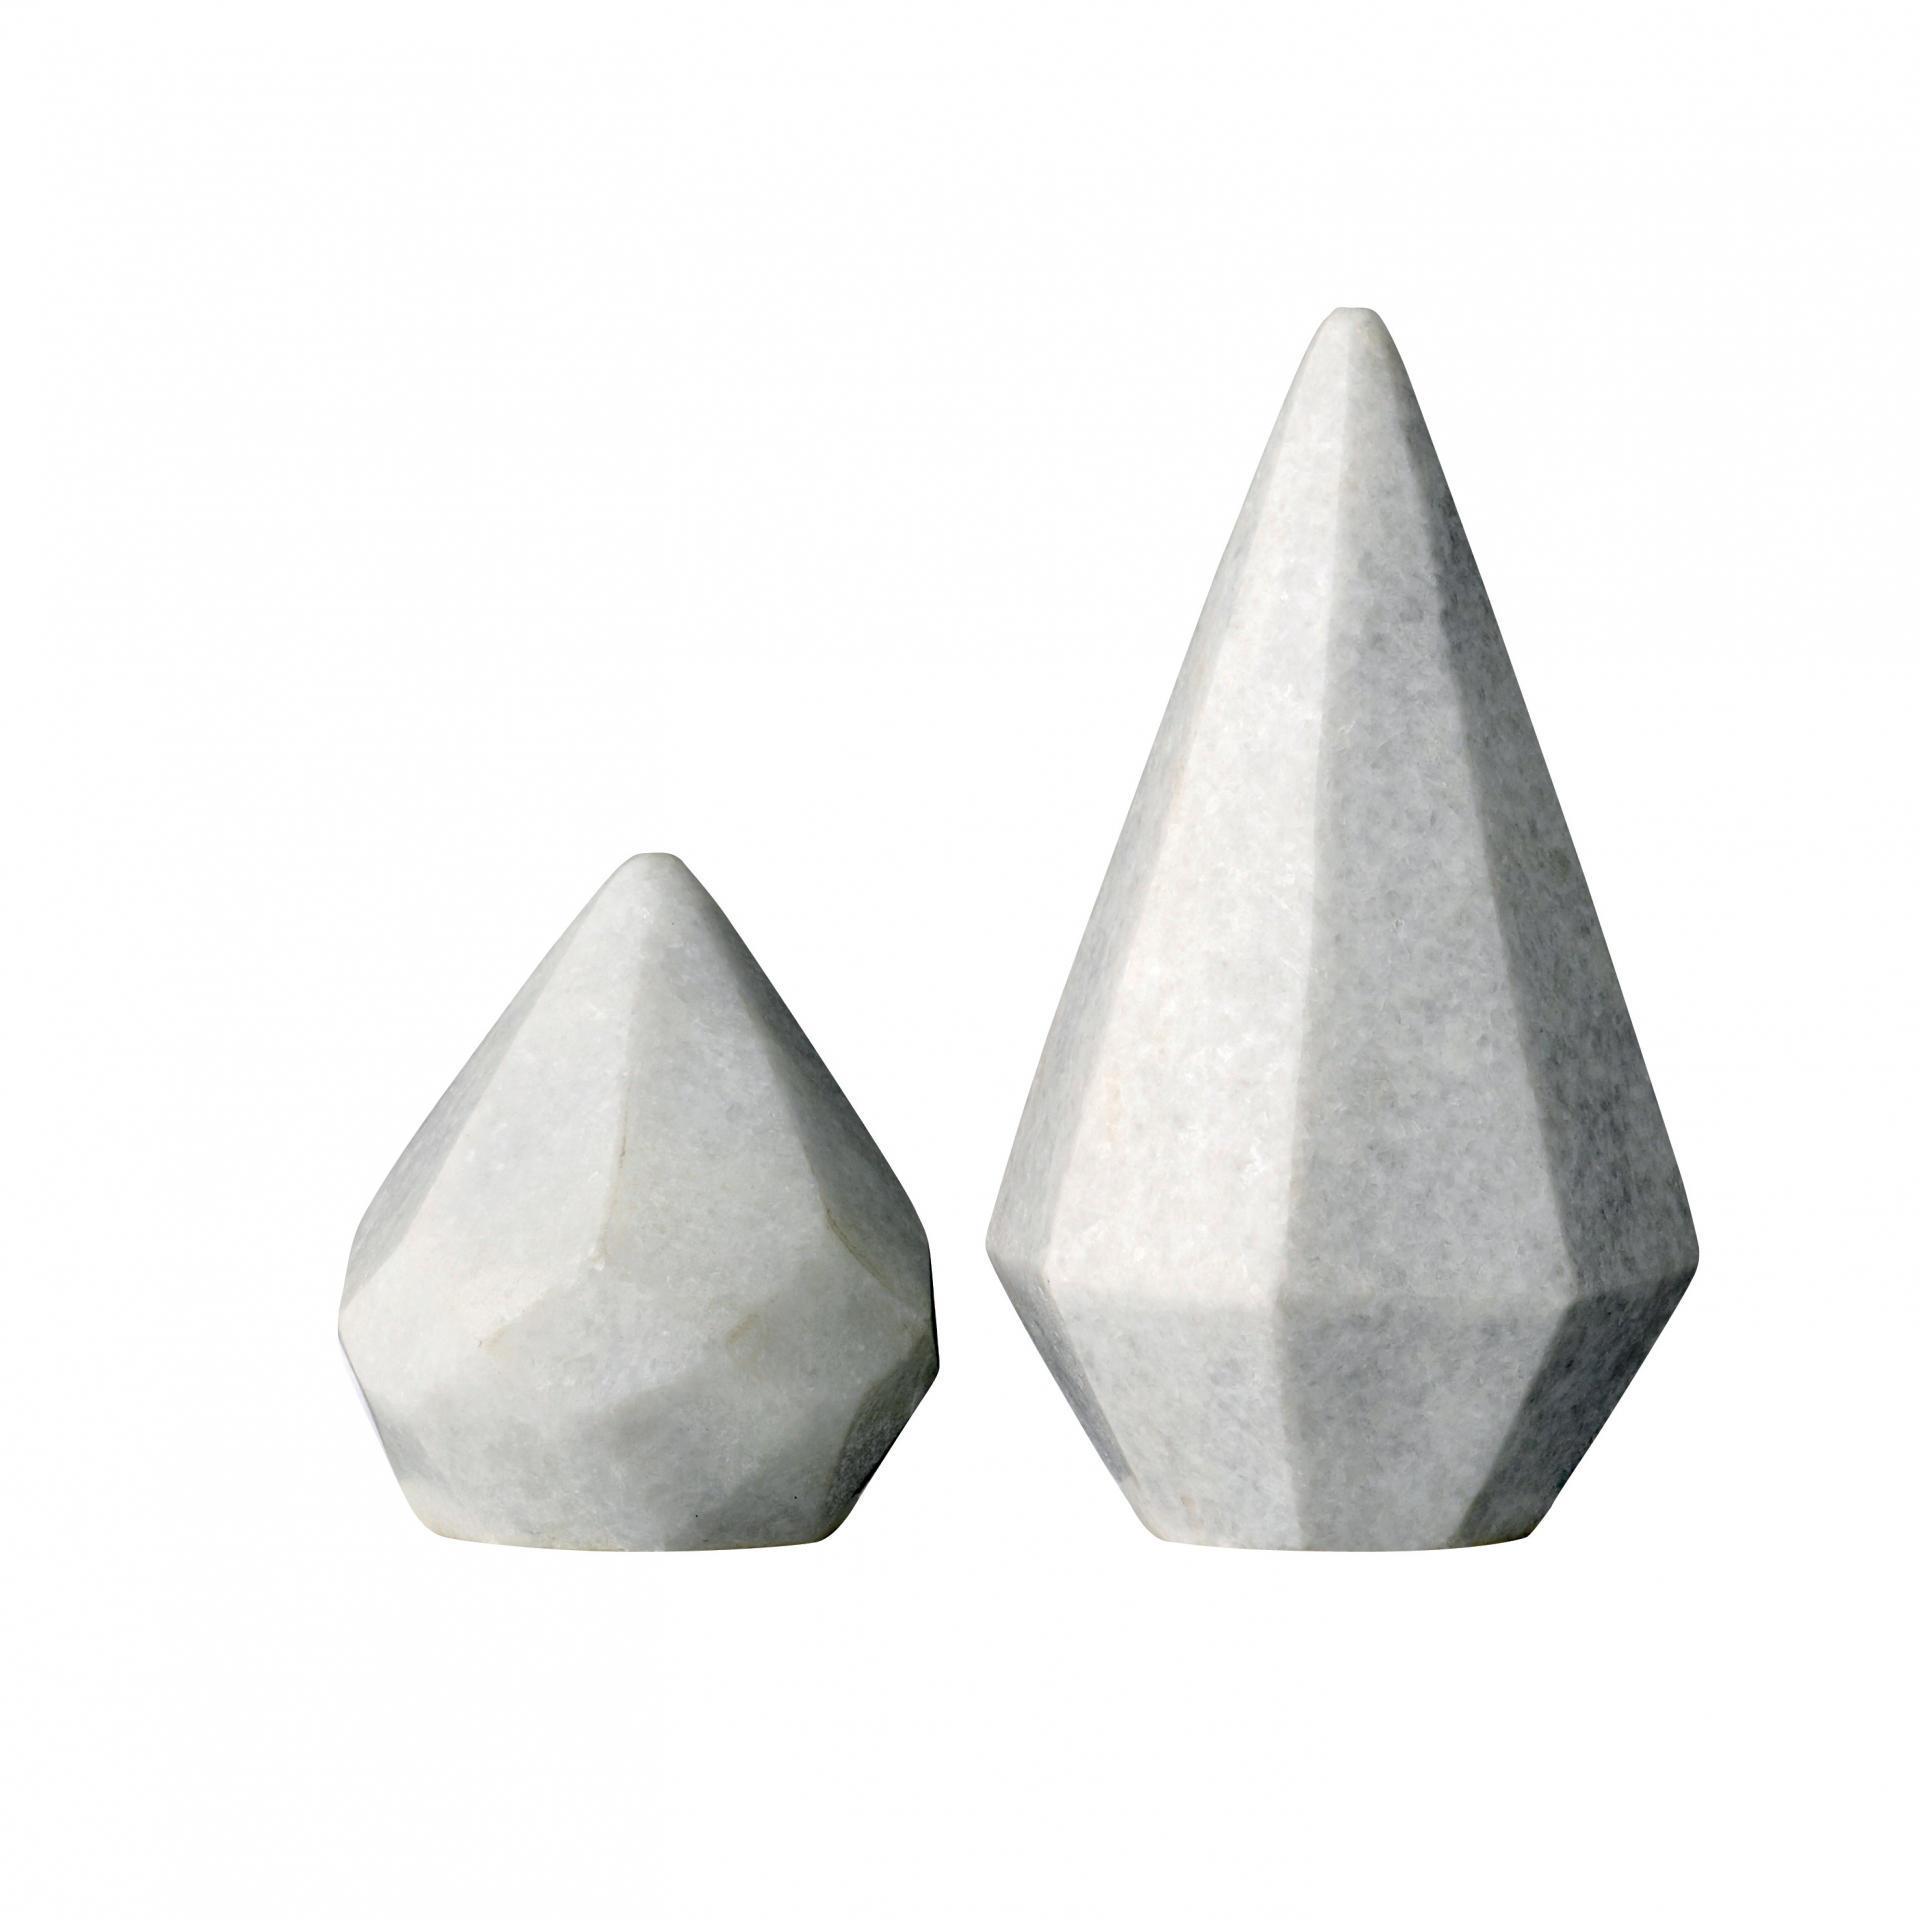 Bloomingville Dekorace z mramoru light grey Nízký kužel, šedá barva, mramor